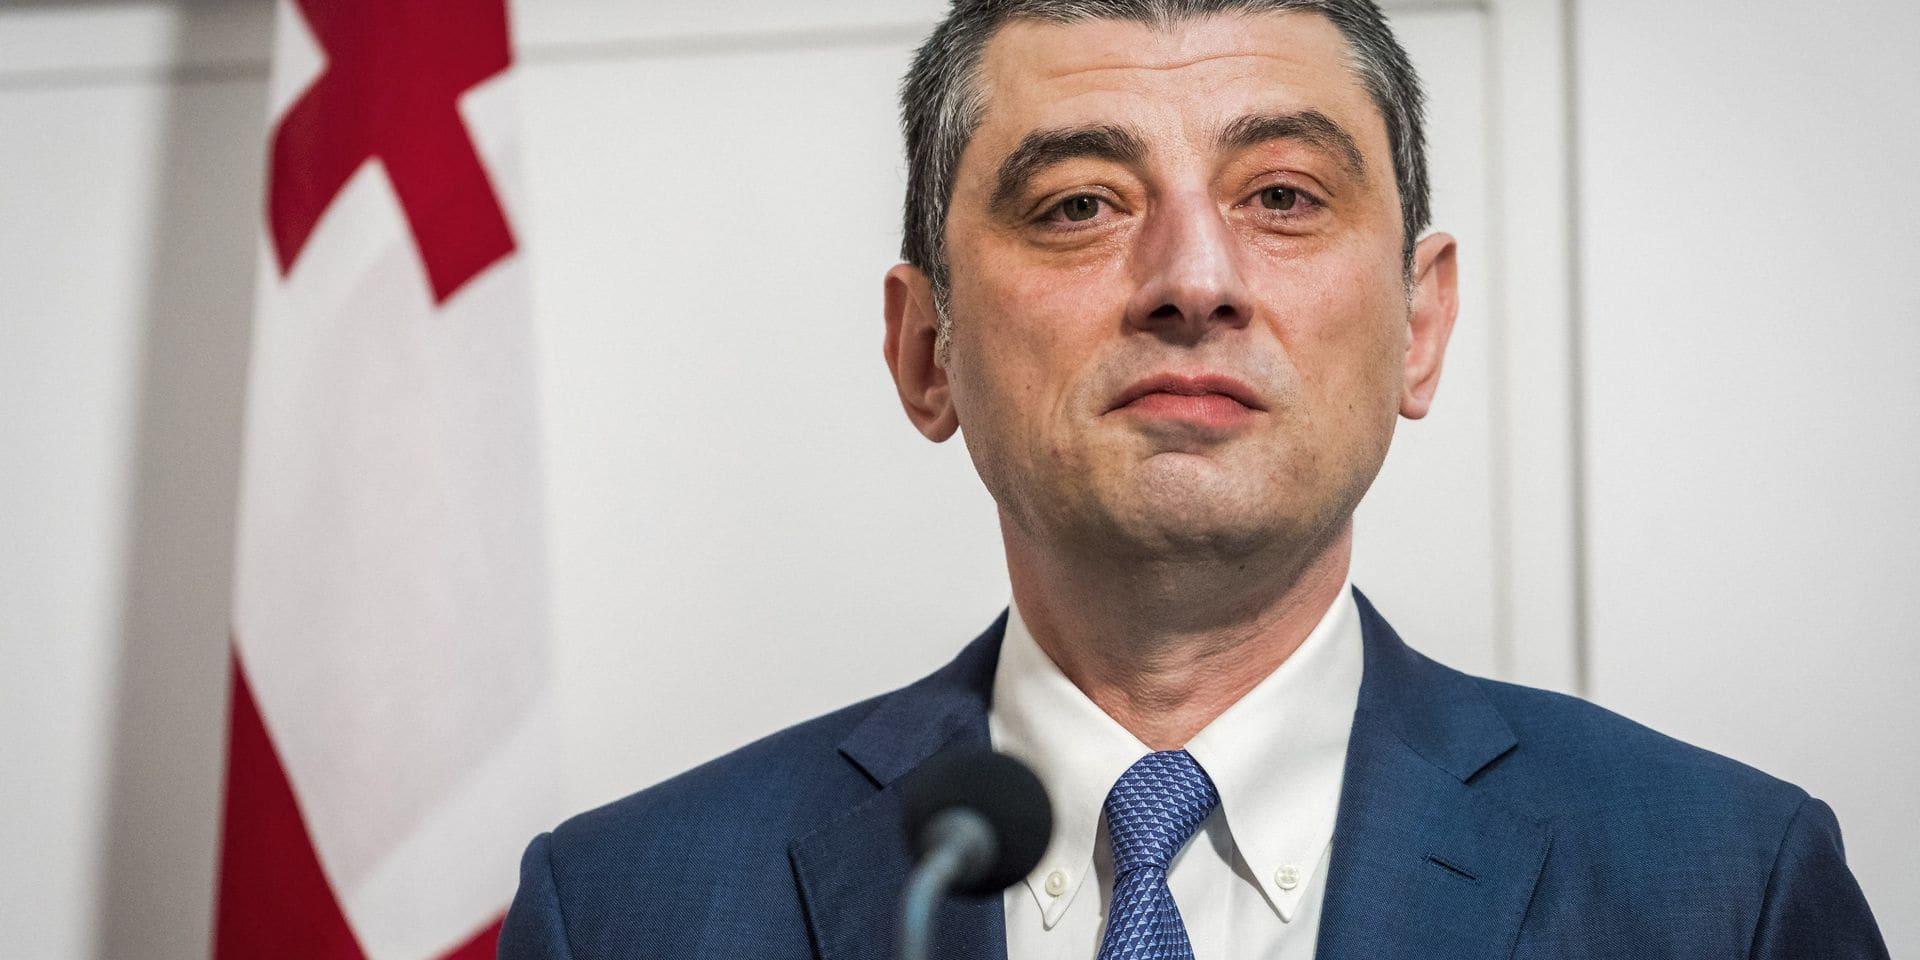 Le Premier ministre géorgien démissionne après l'ordre d'arrêter un opposant